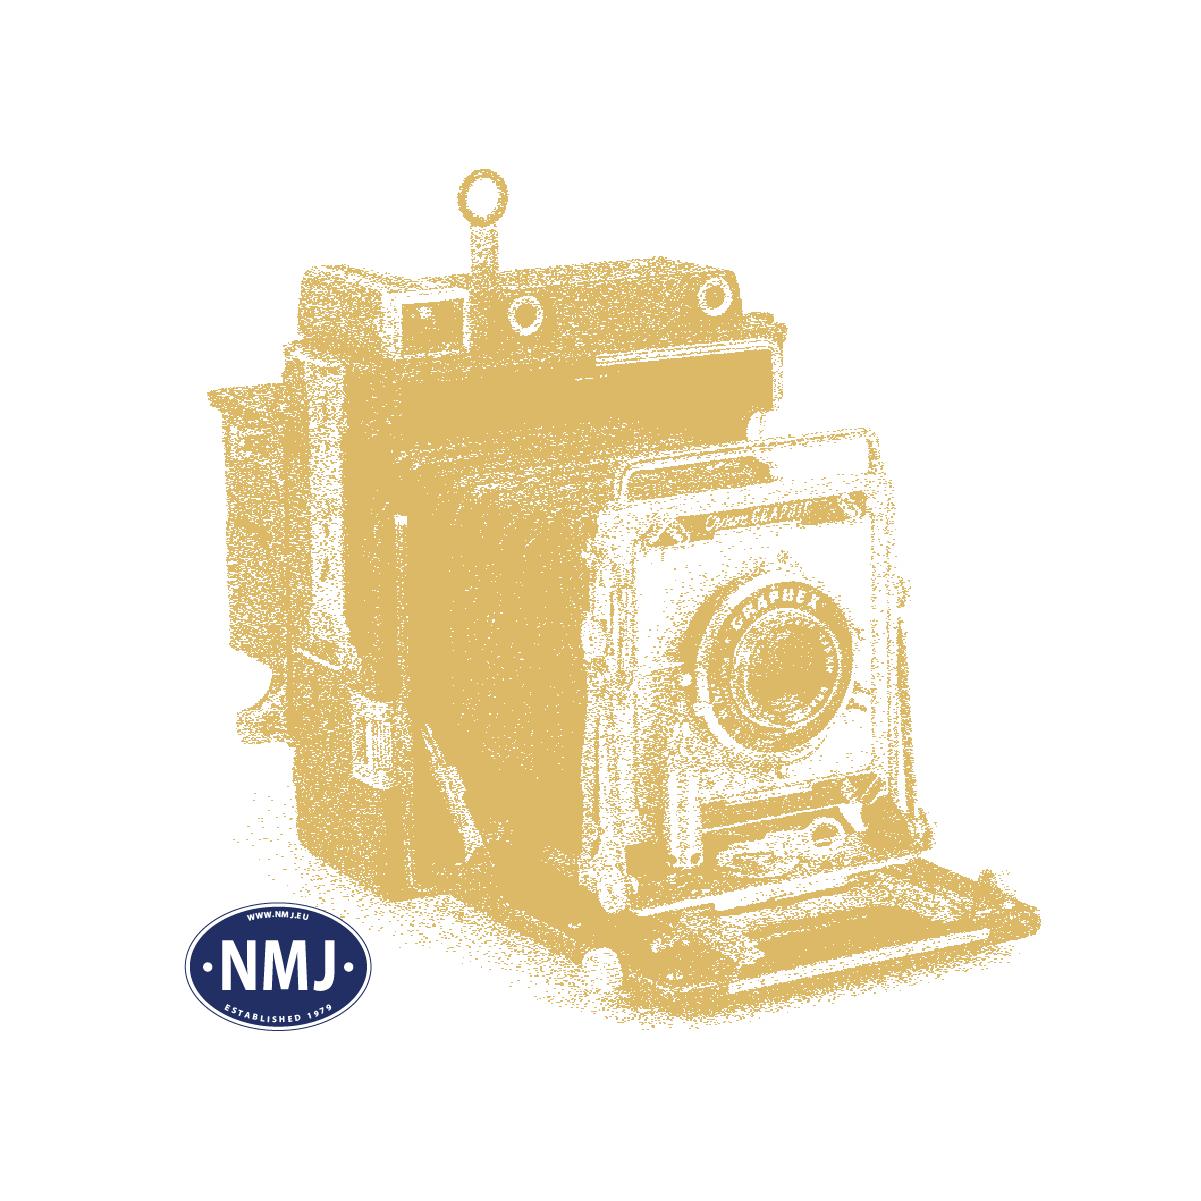 WAL9333125 - Netting-gjerde